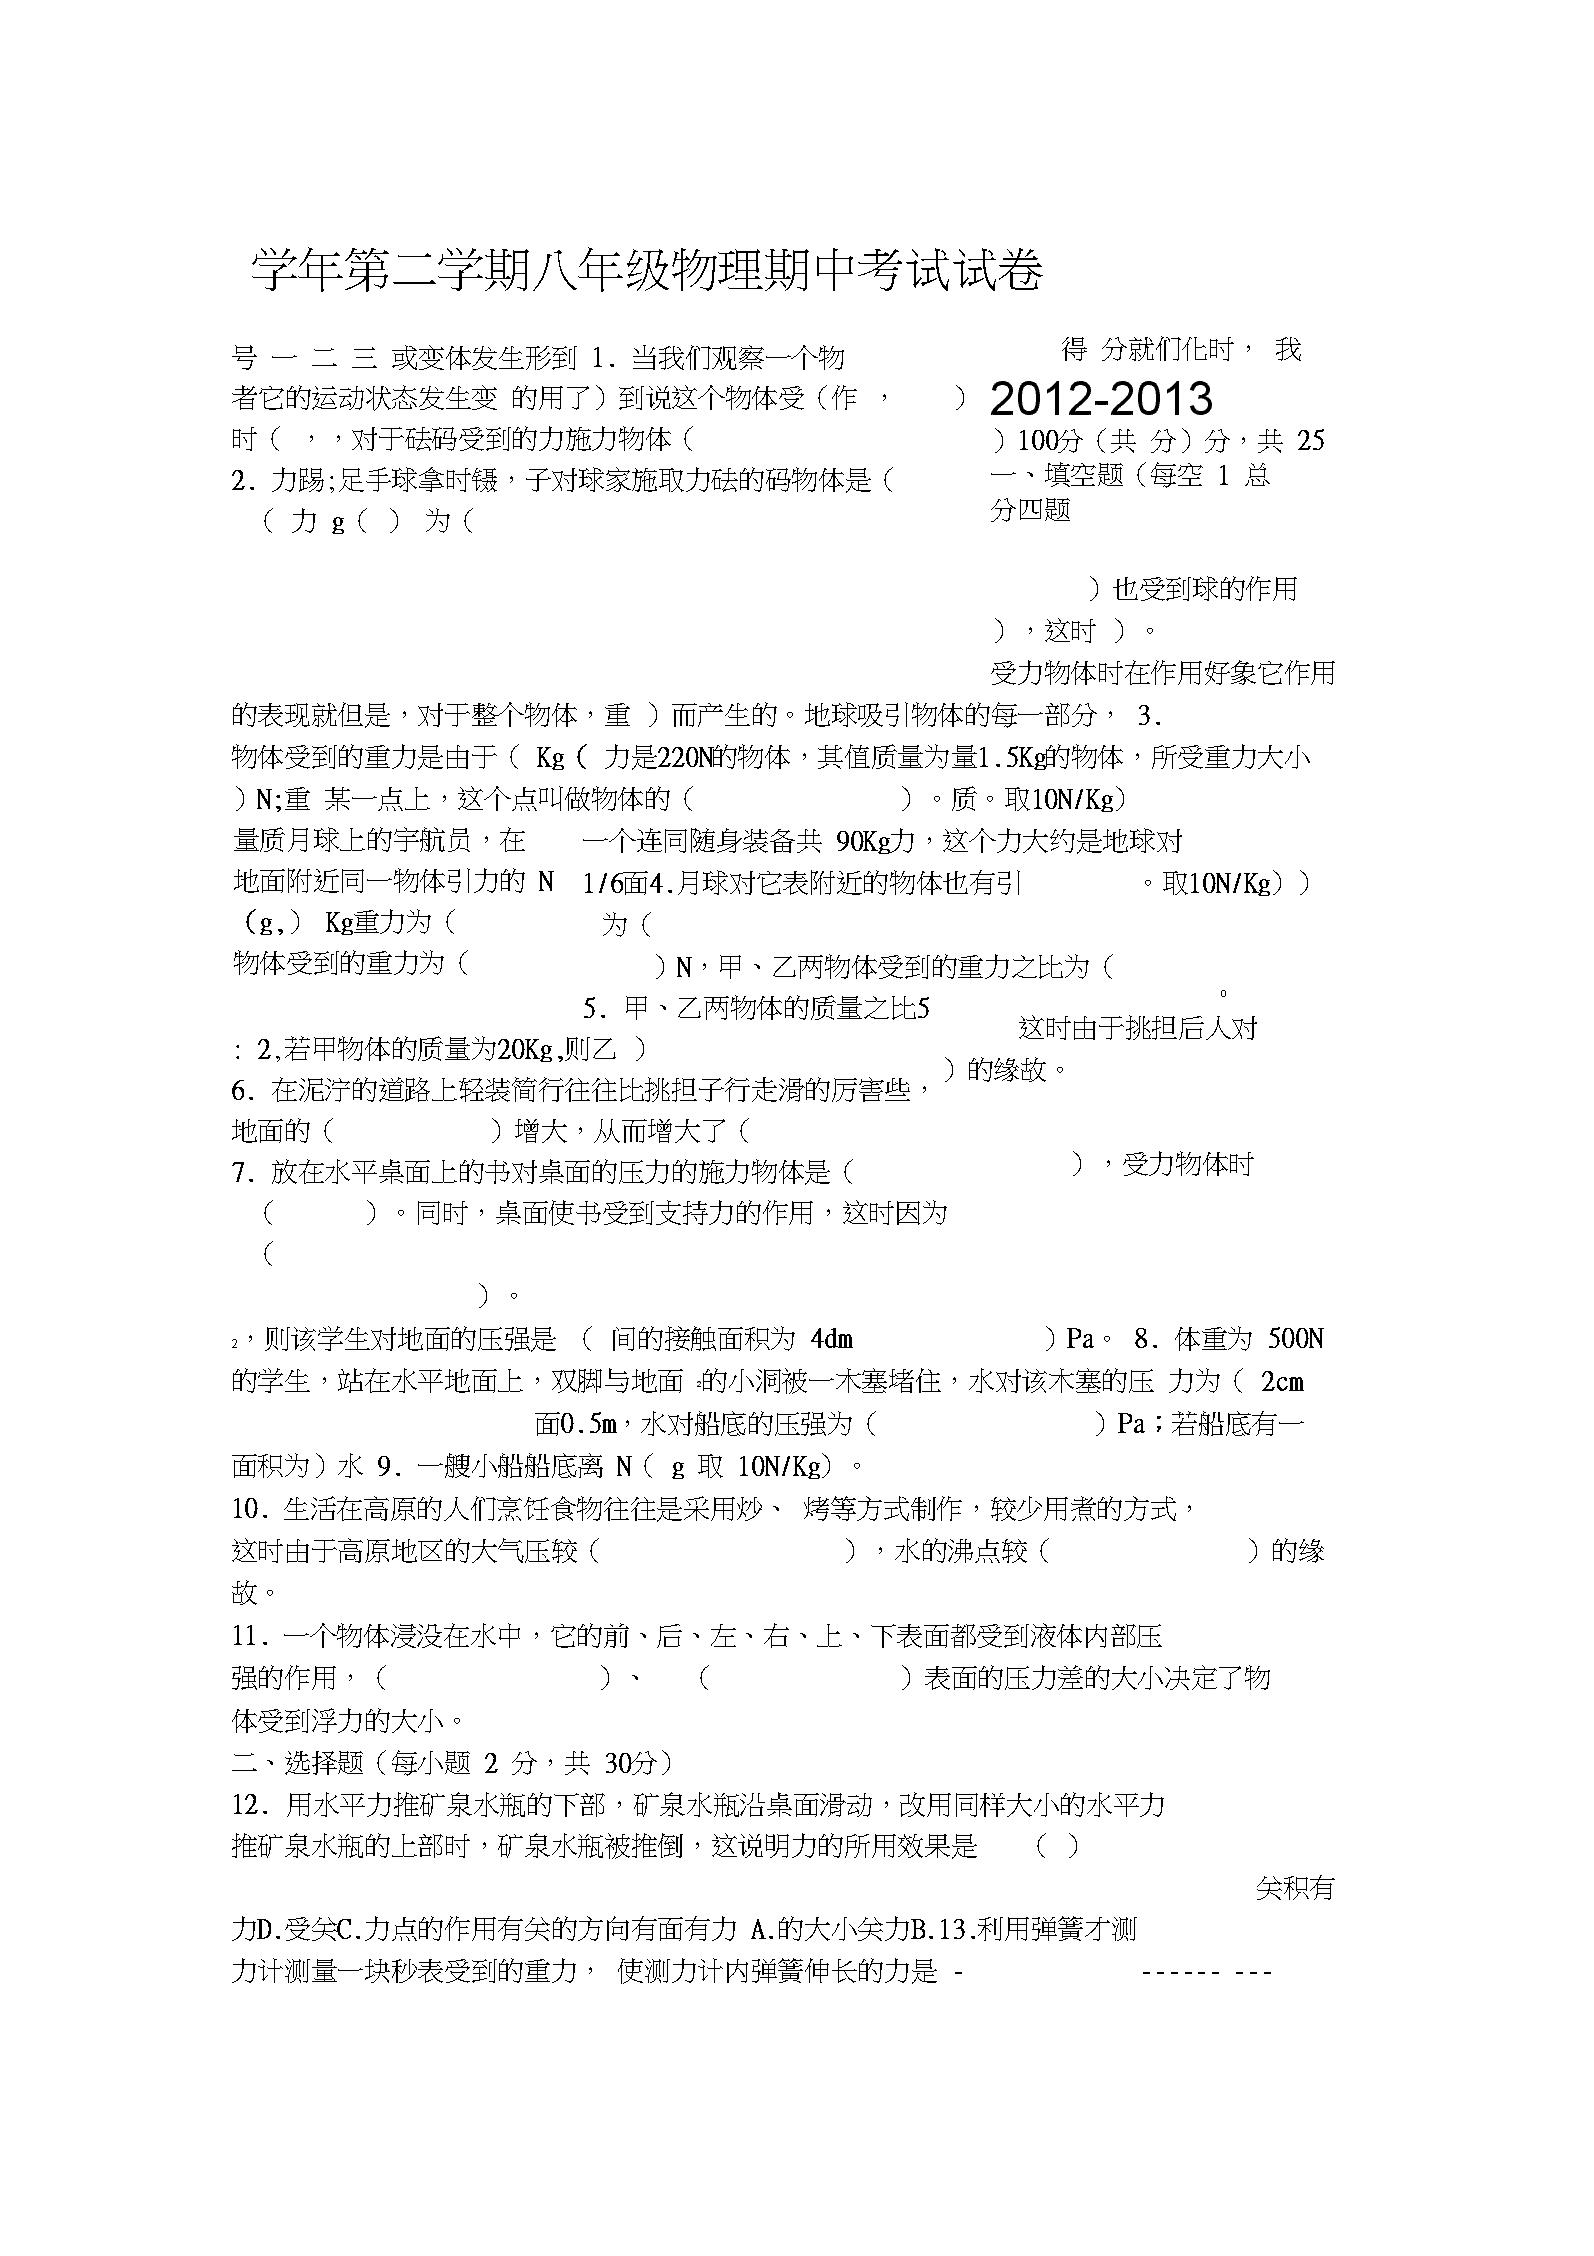 新人教版八年级物理下册期中考试试卷含答案.docx